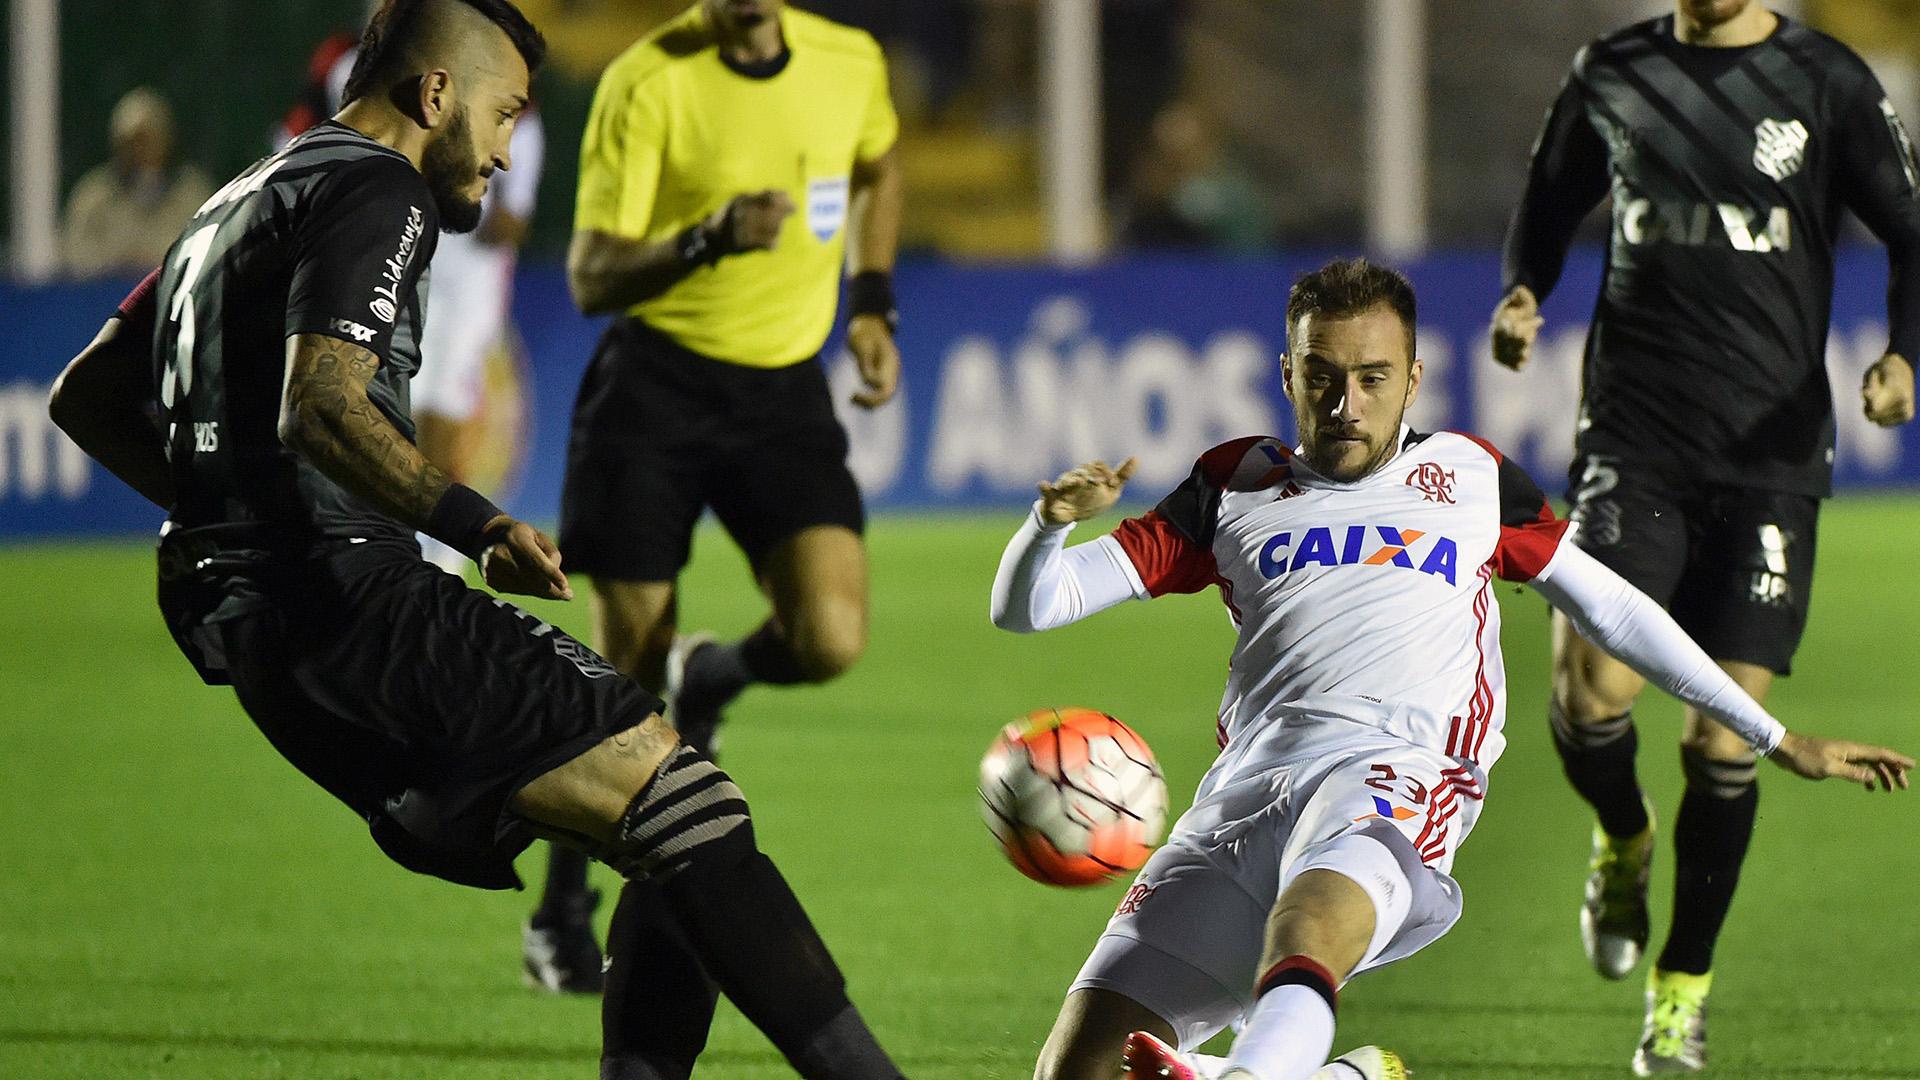 Ninho do Urubu  Flamengo e sua irregularidade continuam Medalha de Ouro  3834729cc72